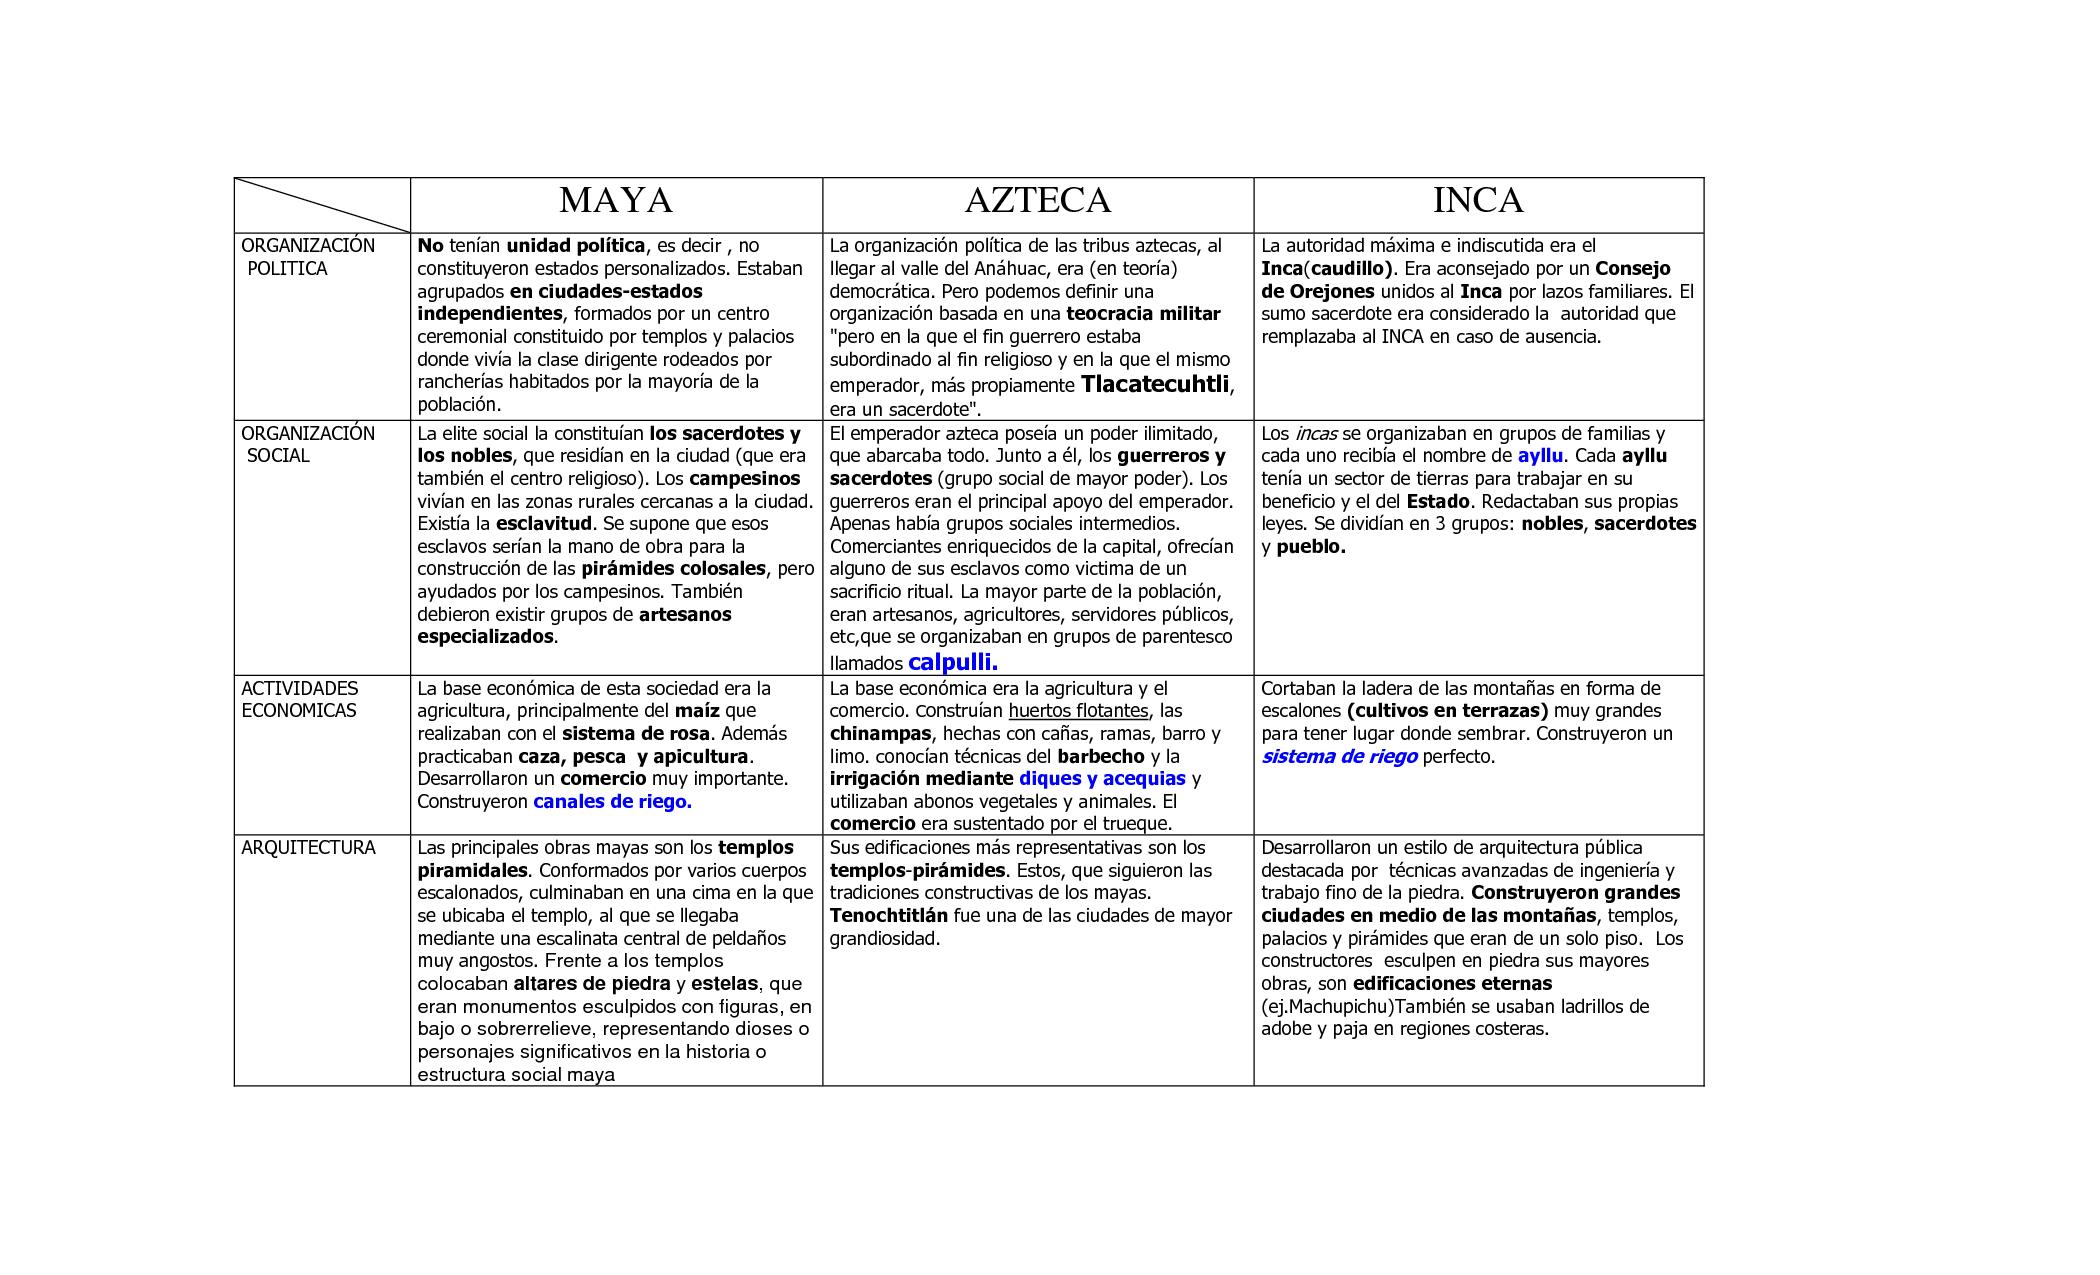 Cuadro Comparativo De Diferentes Caracter Sticas De Las